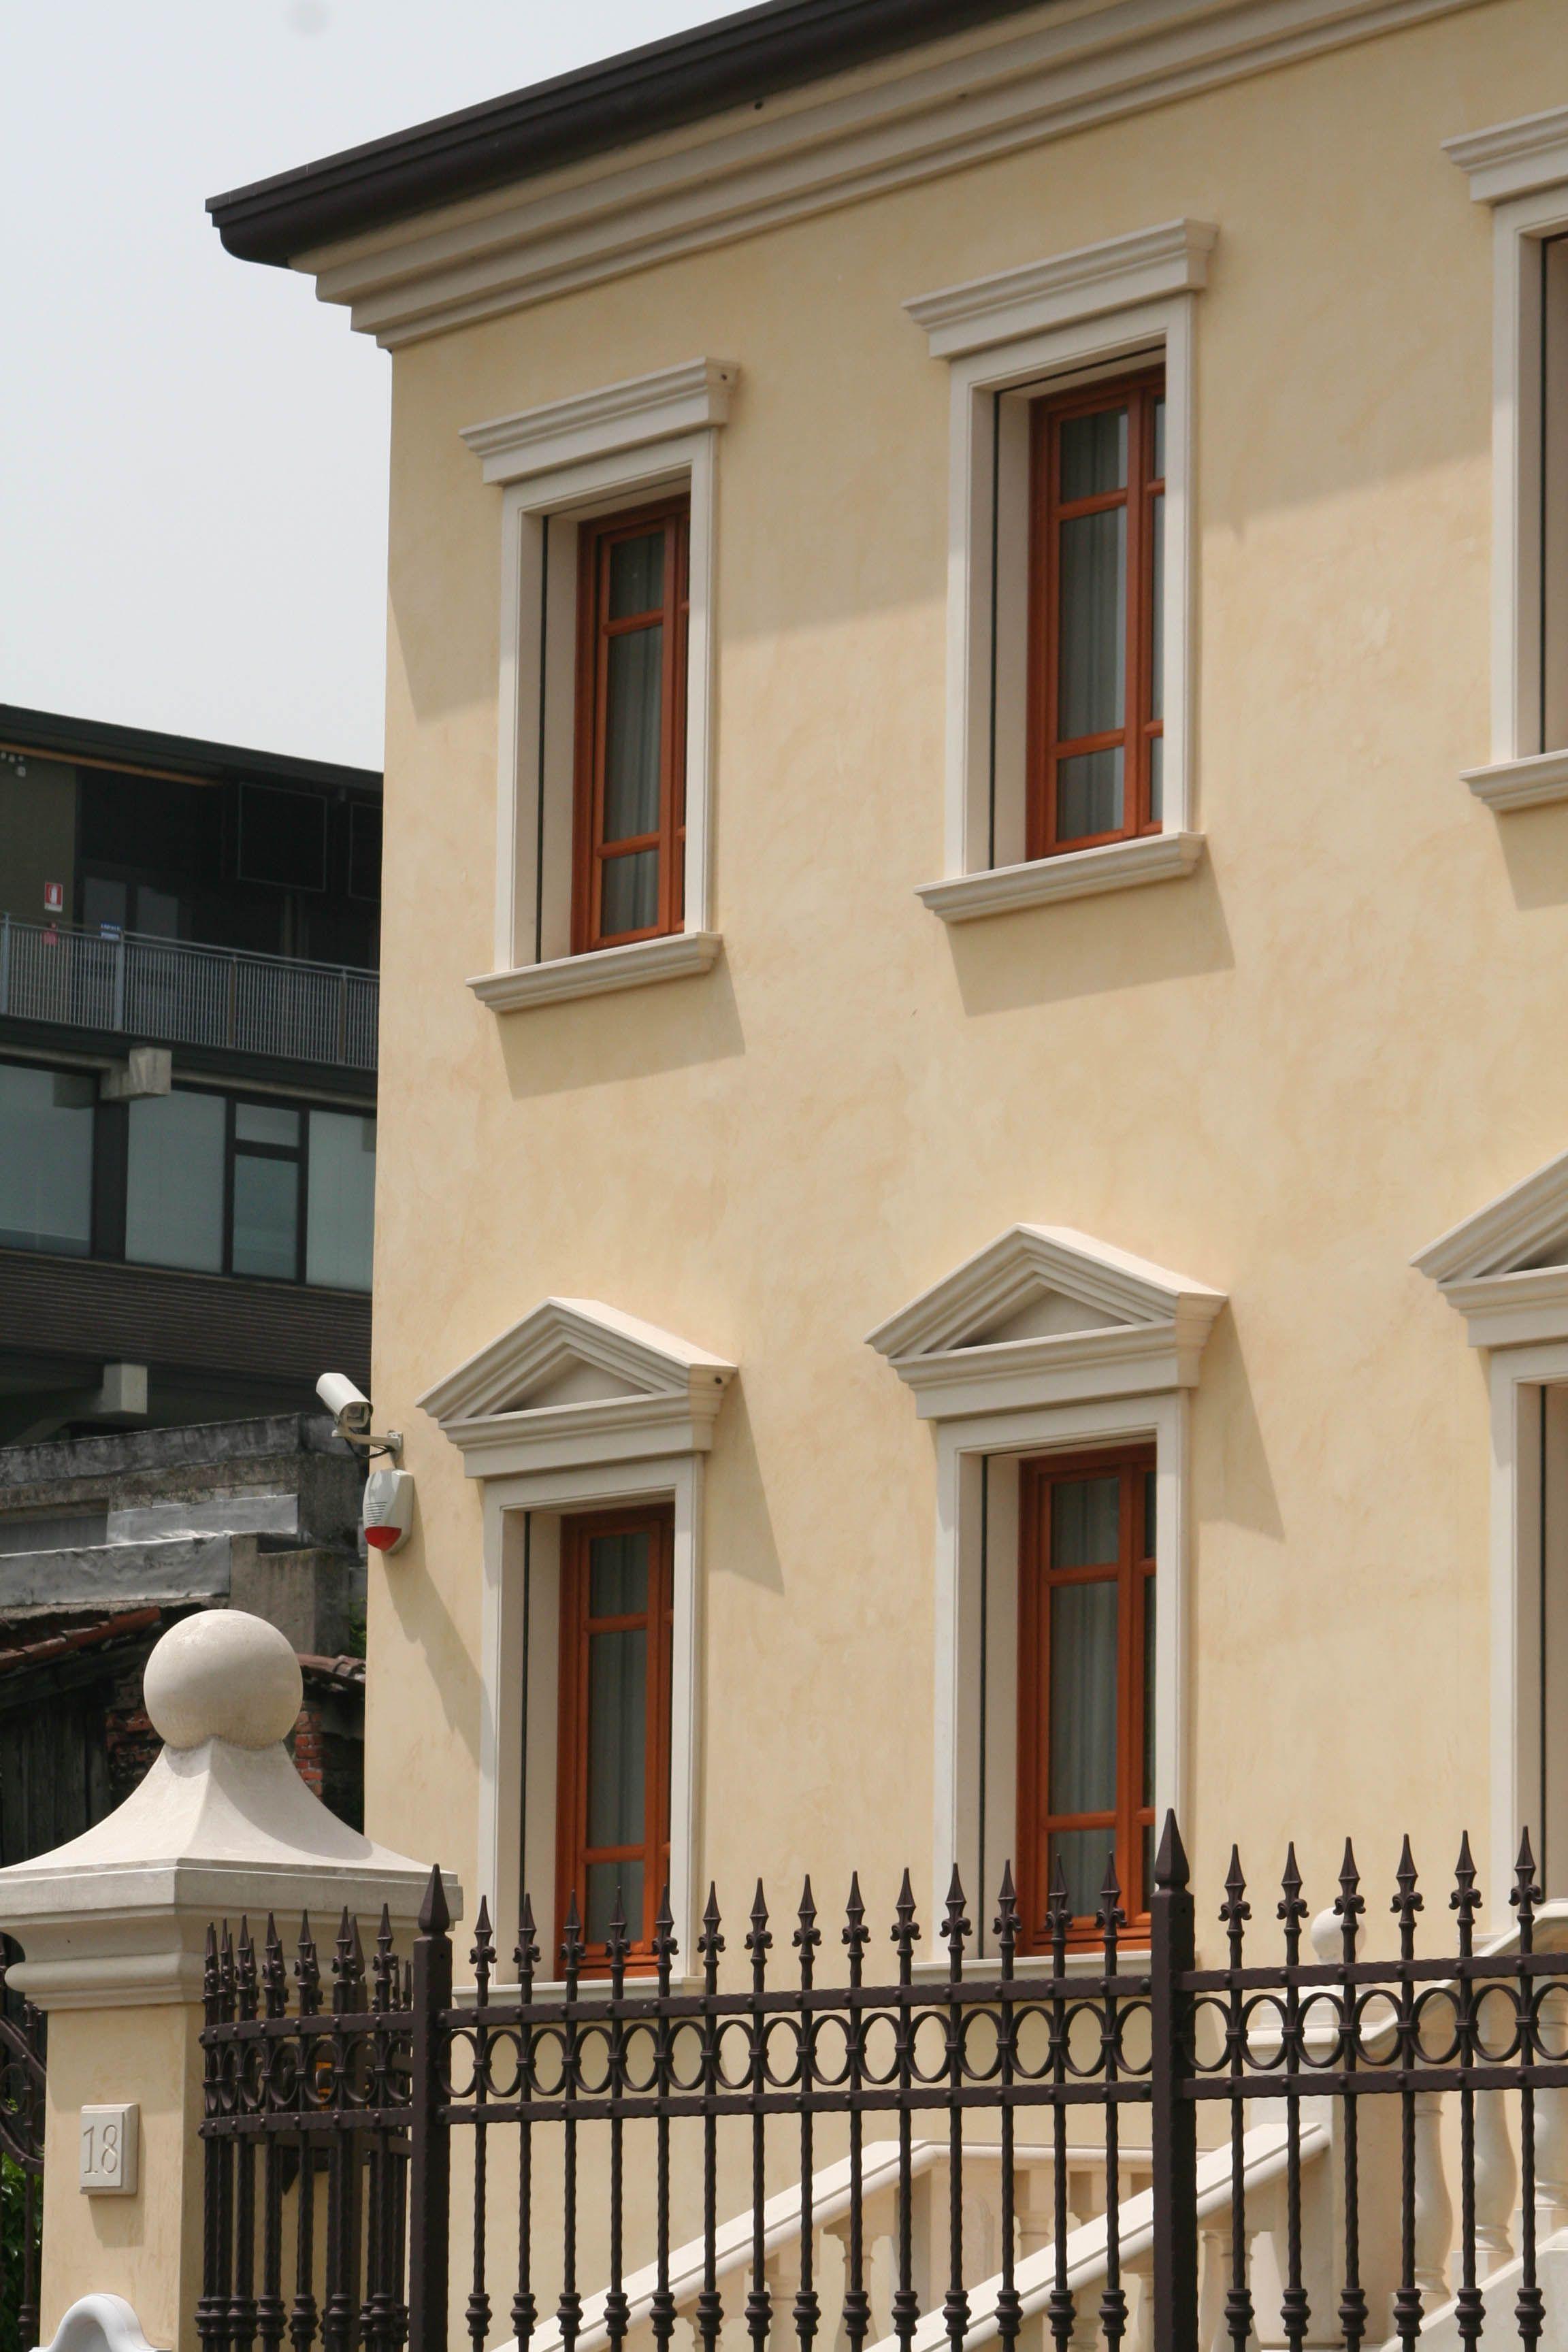 Angolari bugnati cornicioni per gronda decorazioni - Davanzali per finestre ...